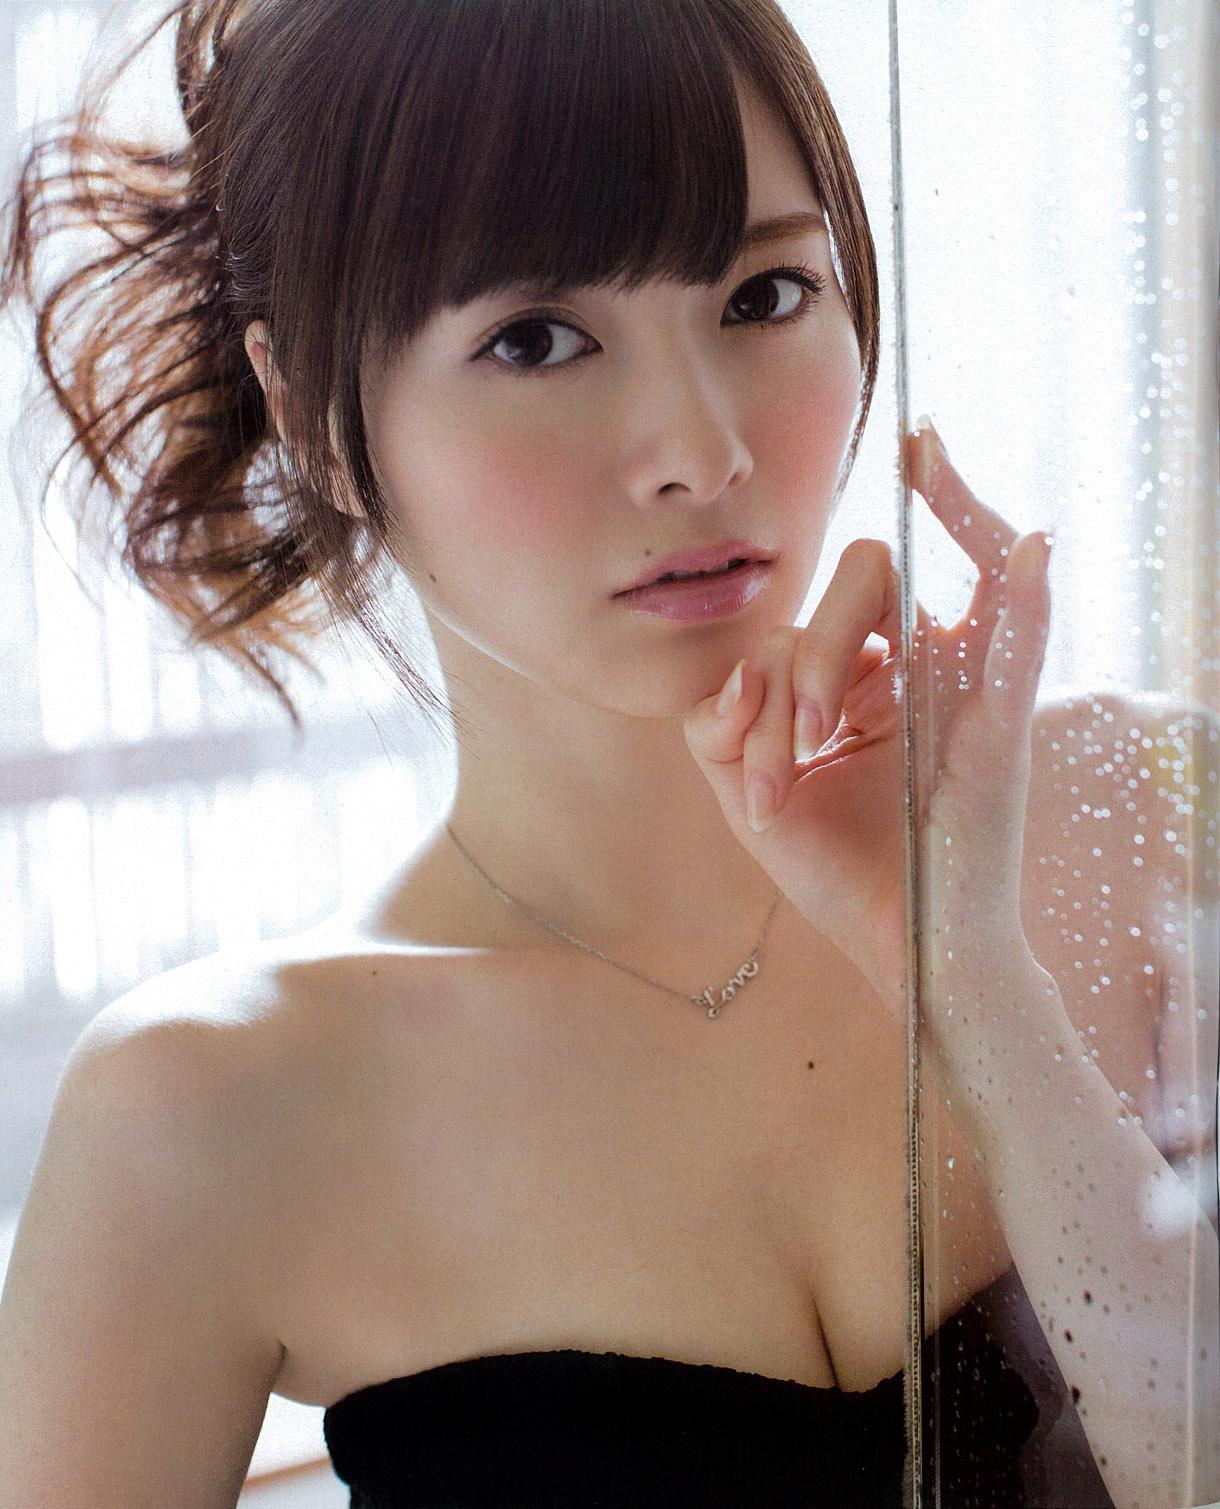 乃木坂46の白石麻衣